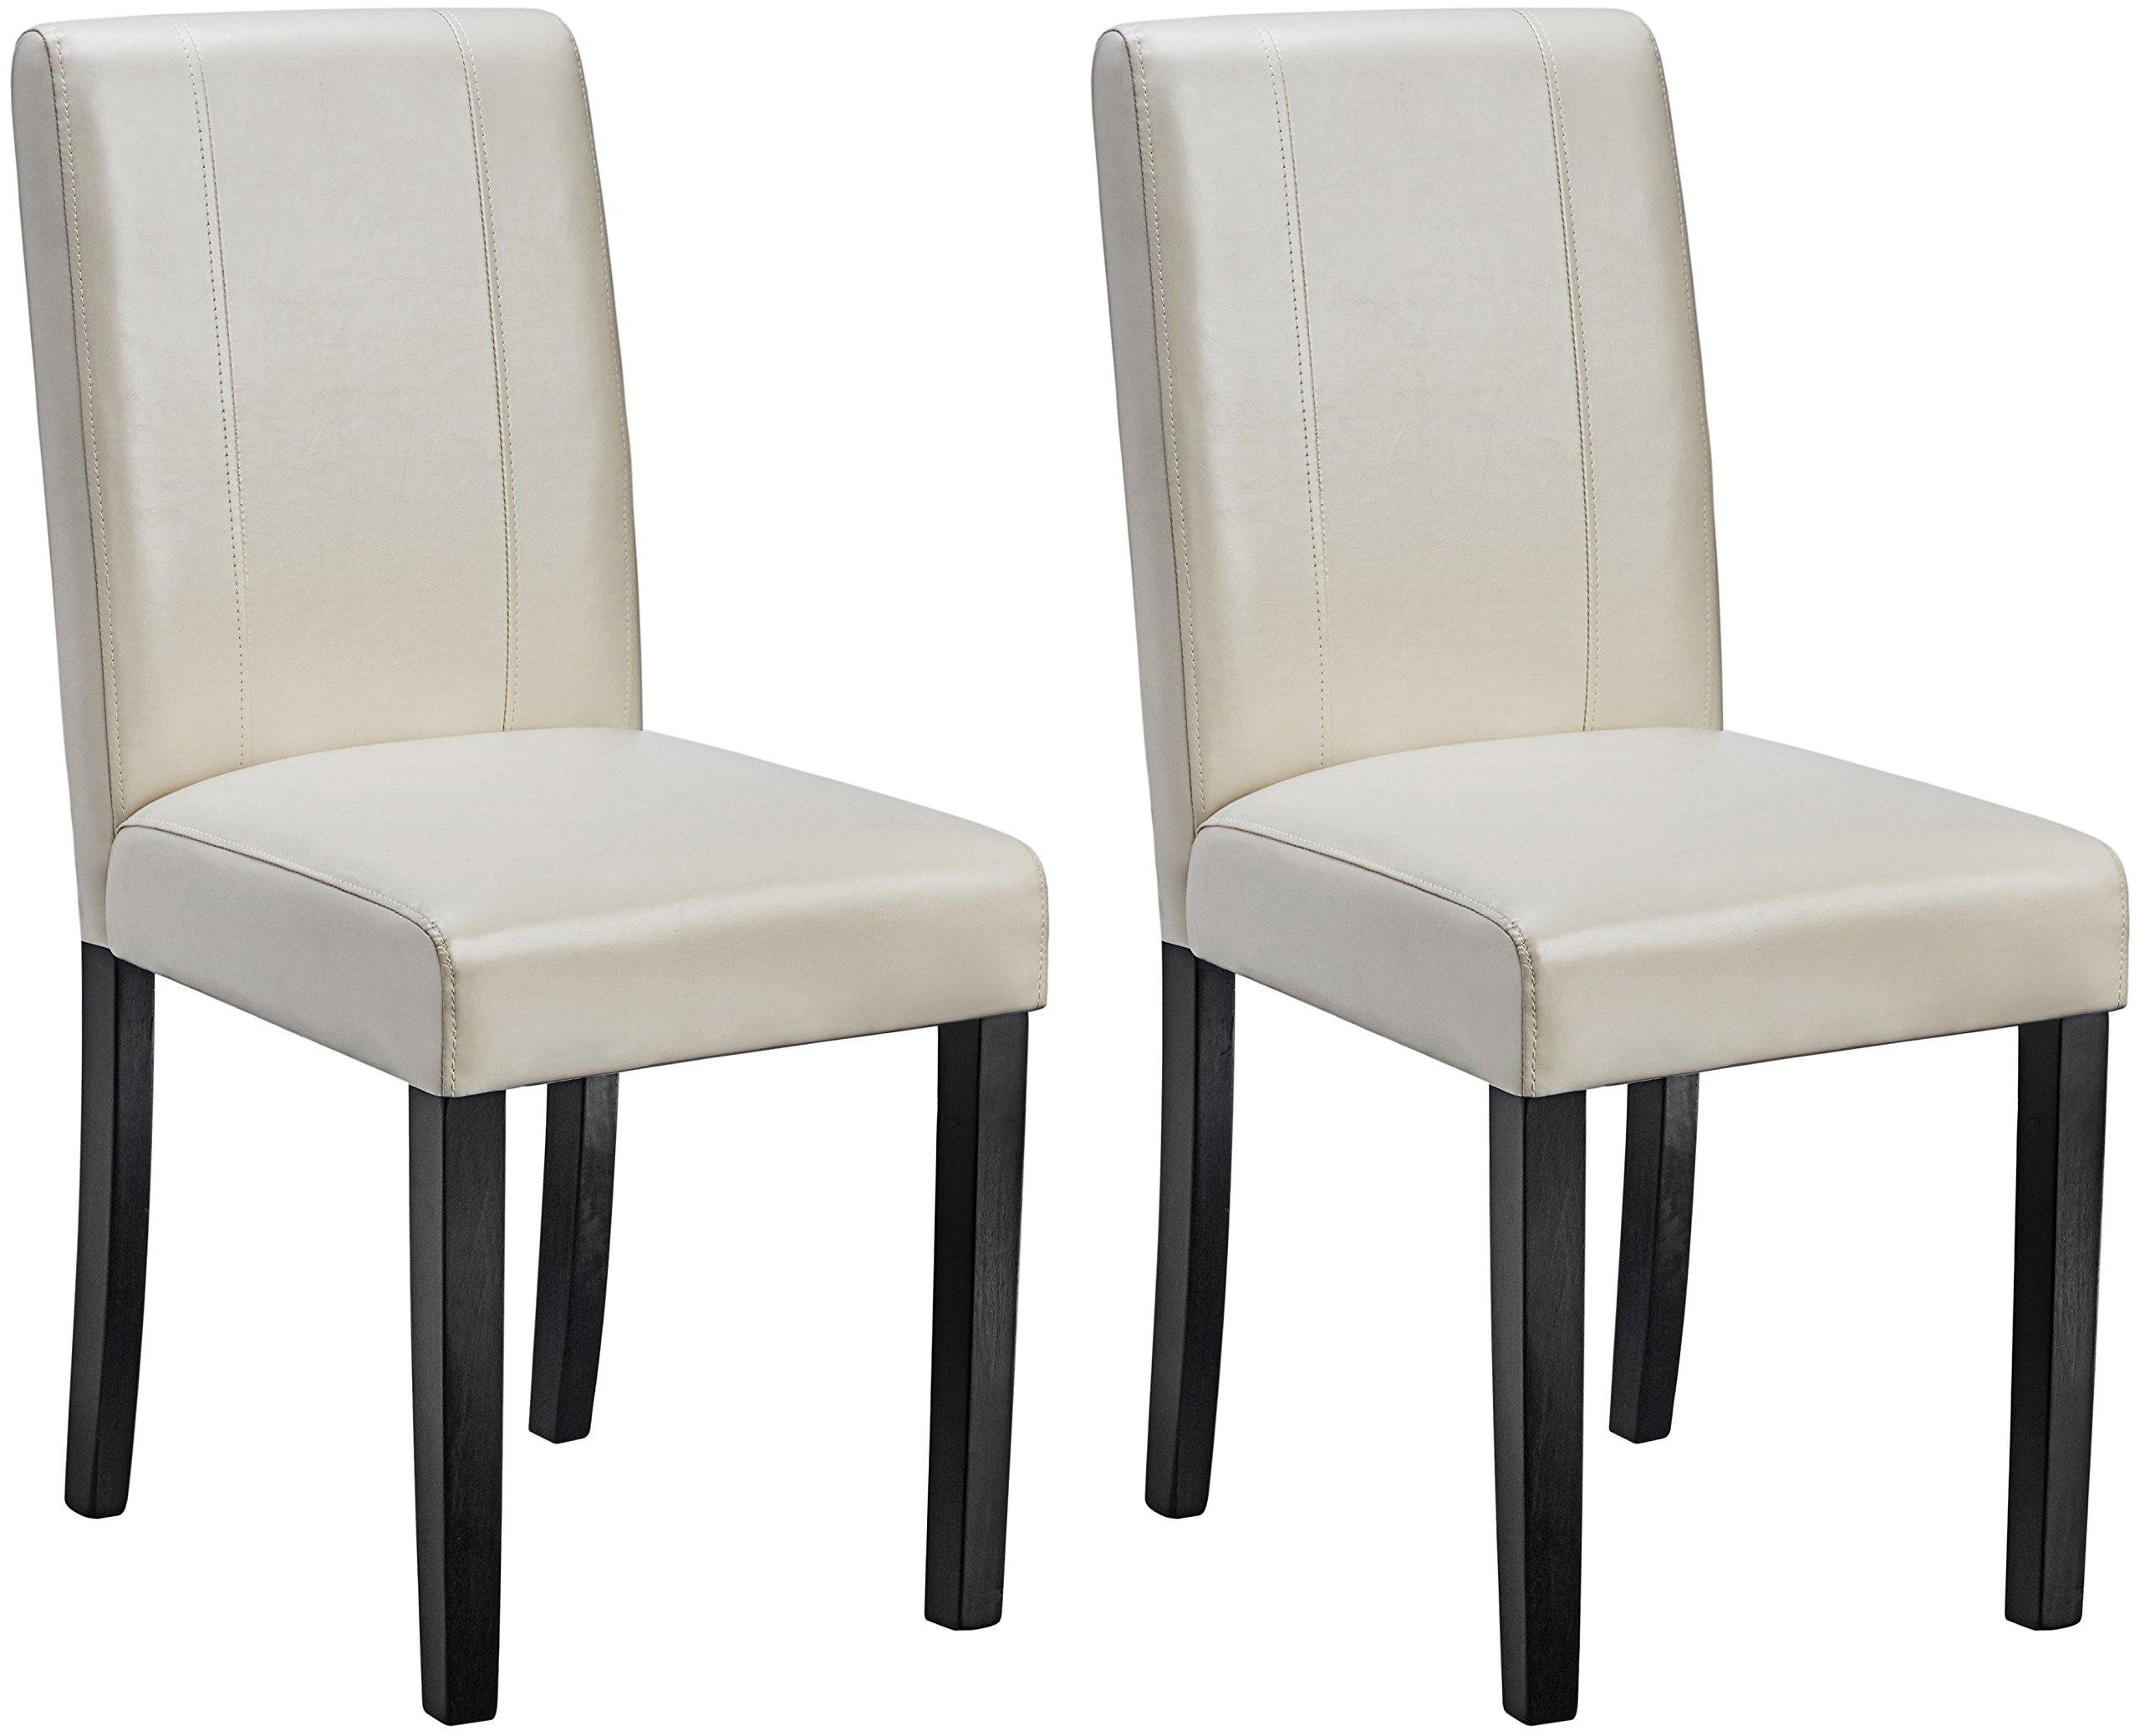 AmazonBasics Padded Dining Chair - Set of 2, Cream by AmazonBasics (Image #1)